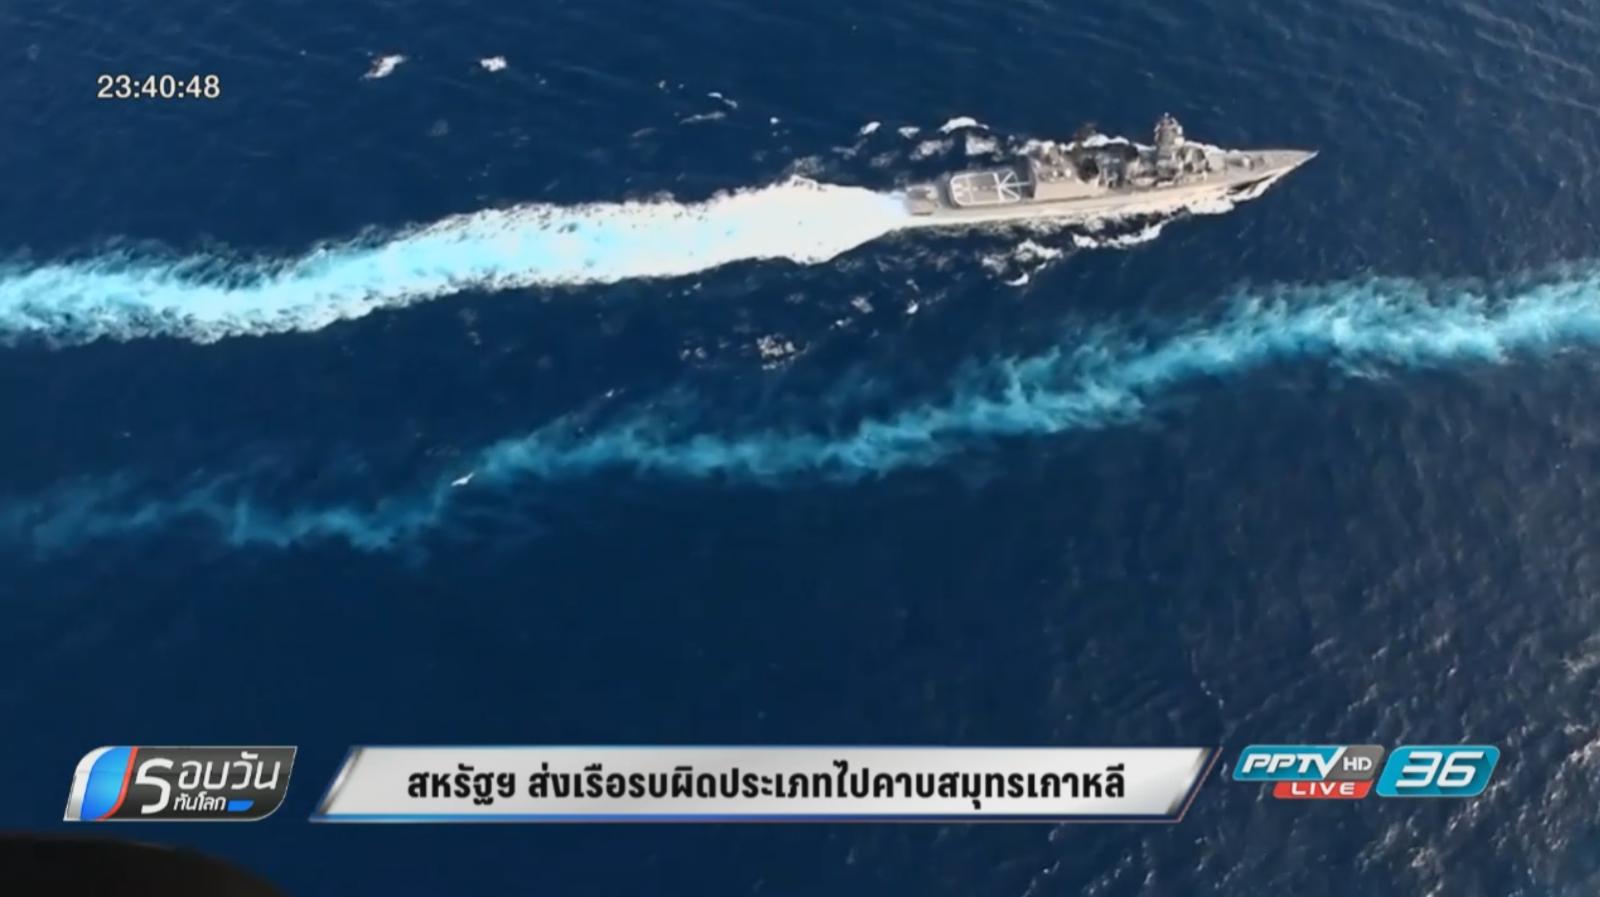 สหรัฐฯ ส่งเรือรบผิดประเภทไปคาบสมุทรเกาหลี